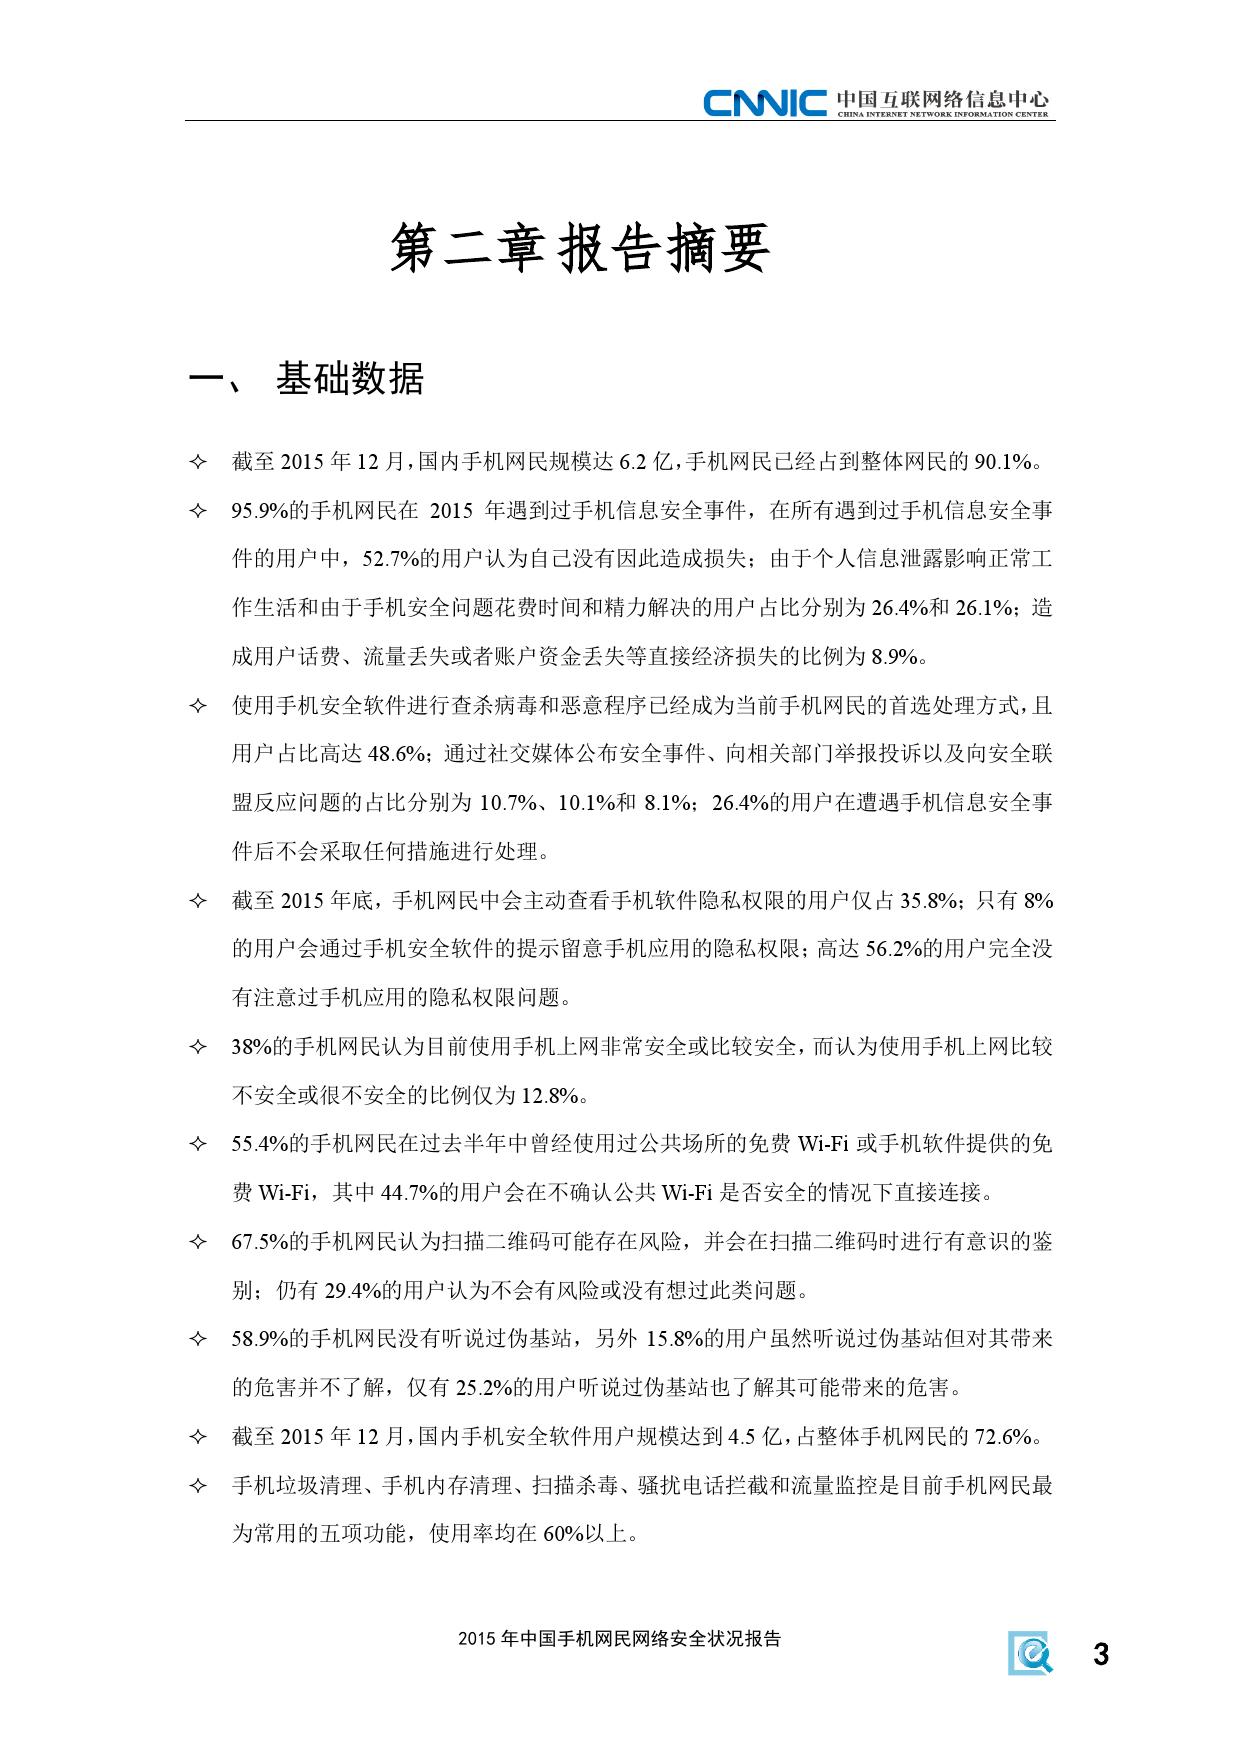 2015年中国手机网民网络安全状况报告_000009